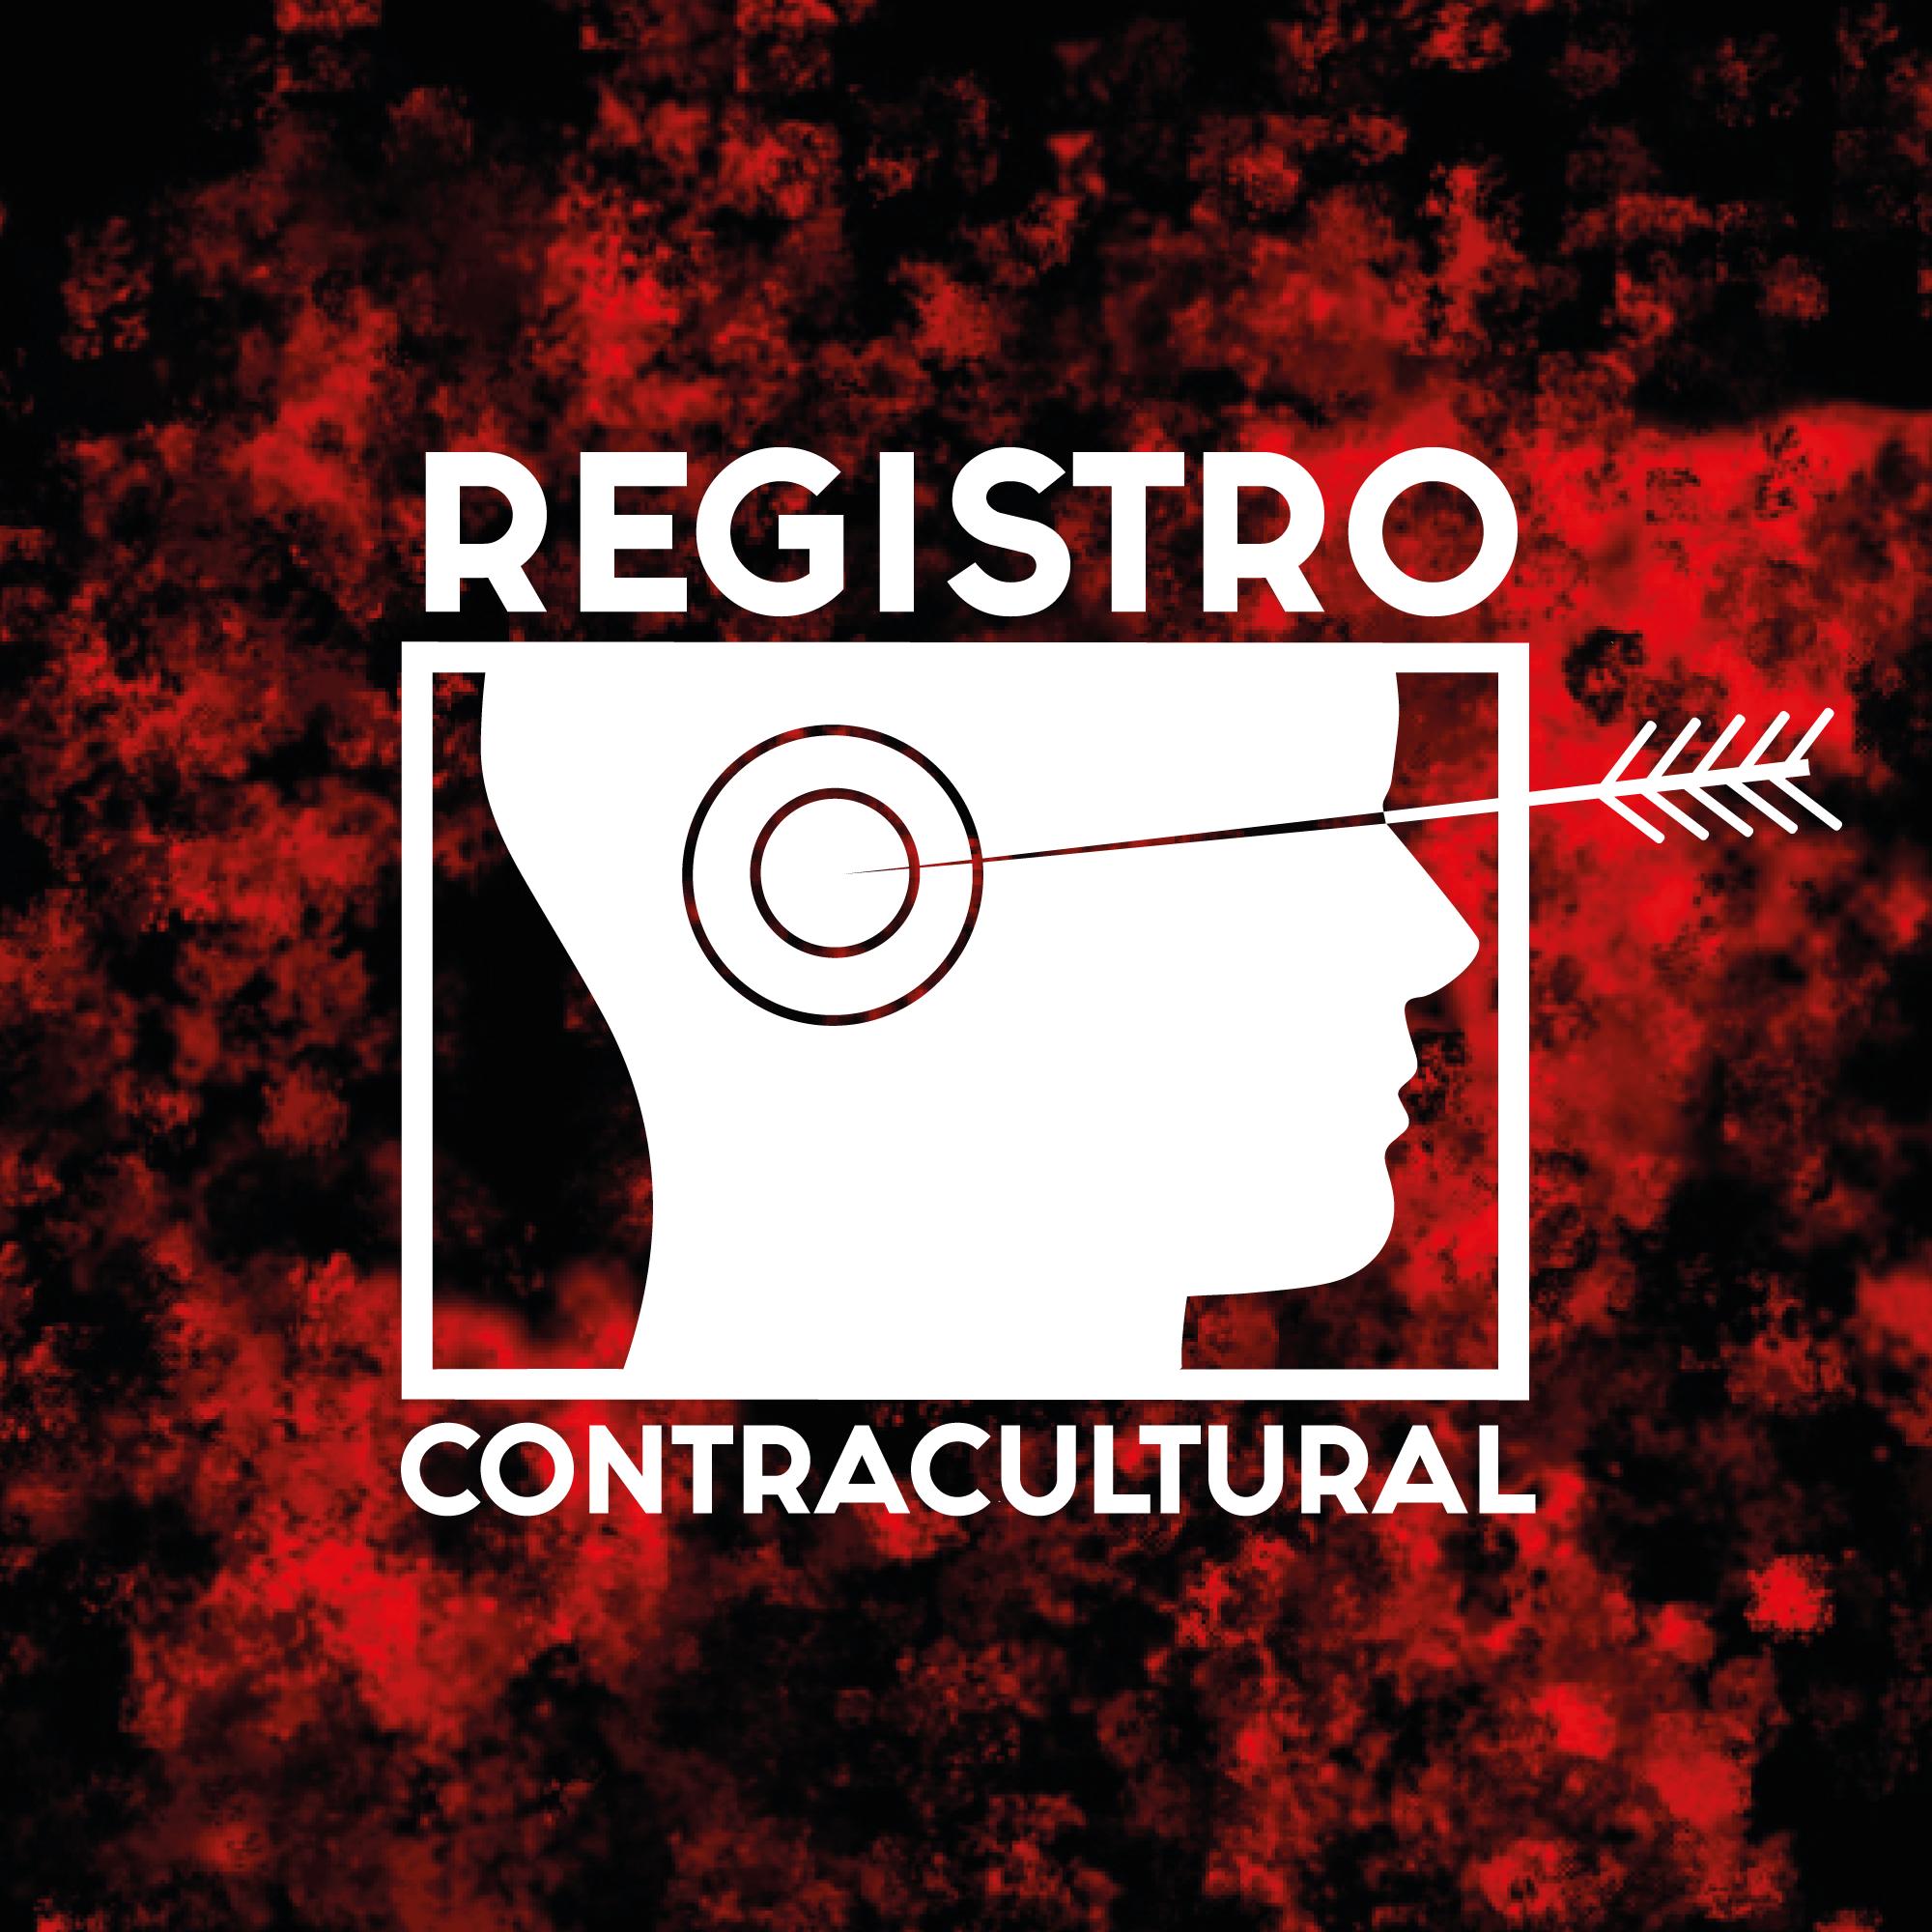 Logo Registro Contraucltural